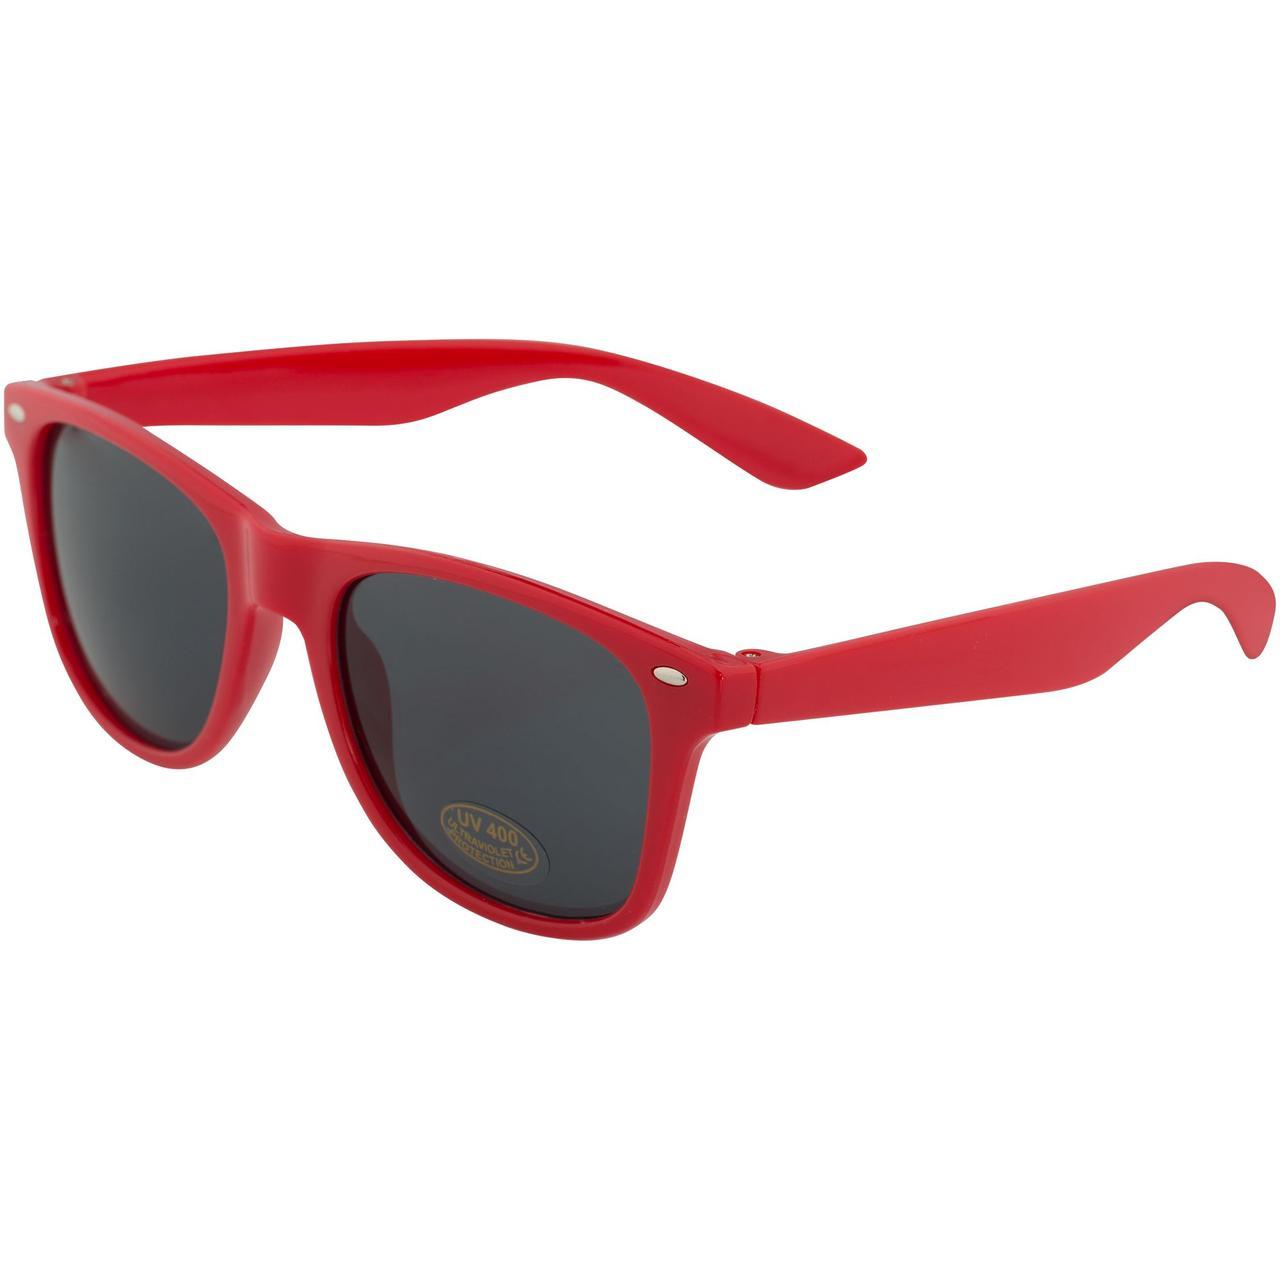 Очки солнцезащитные Sundance, красные (артикул 7036.50)